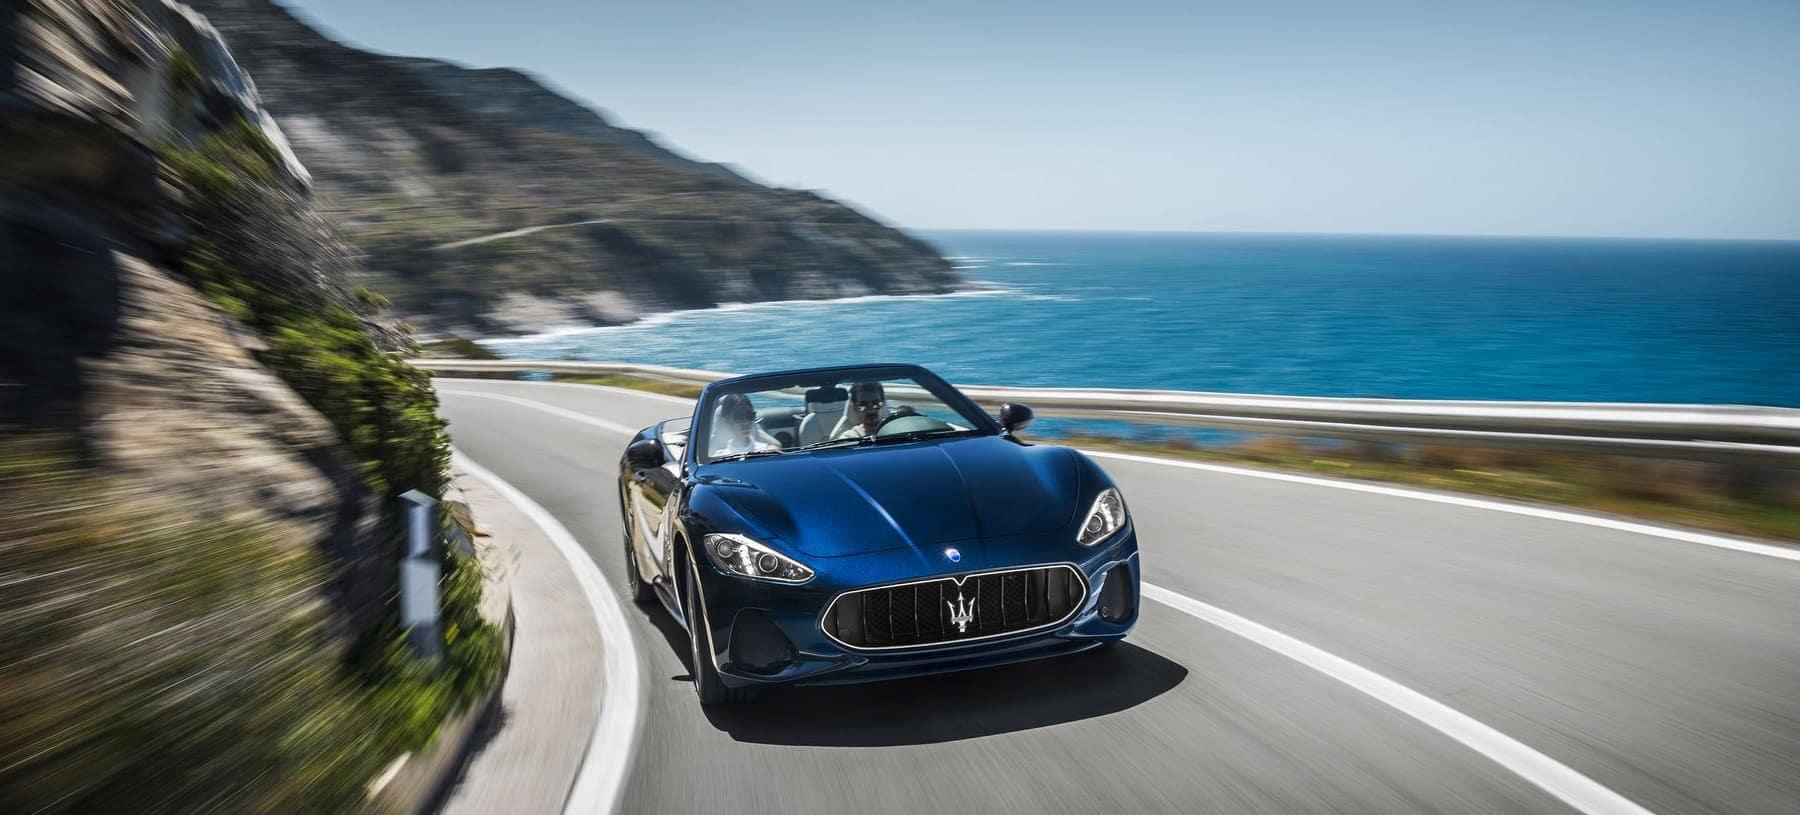 Welcome to Champion Maserati